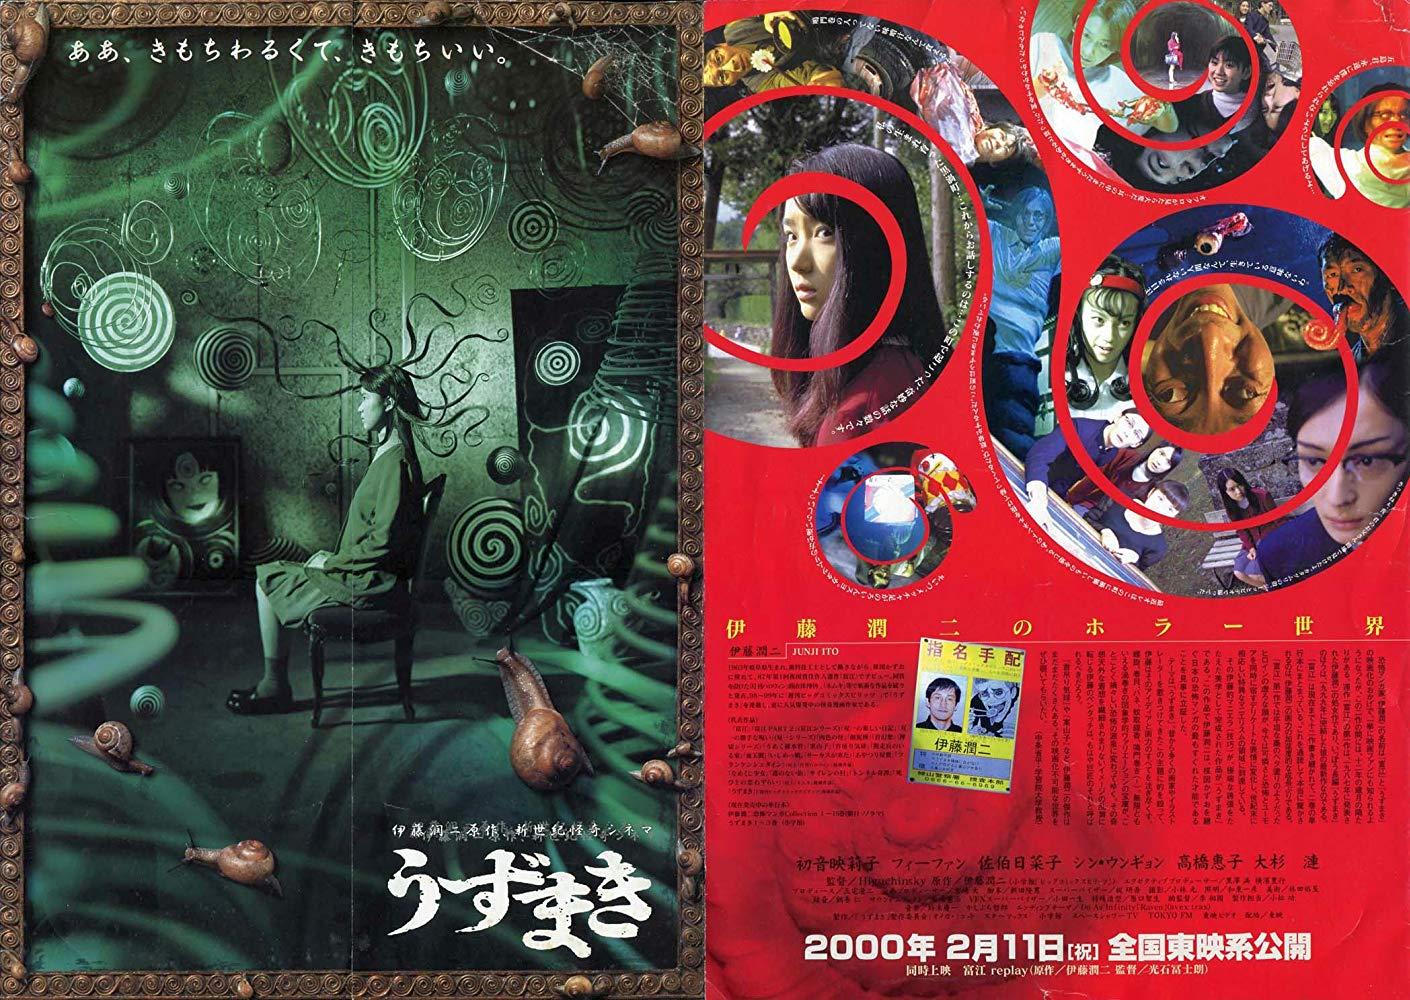 ۱۰ فیلم فوق ترسناک ژاپنی که اصلا نباید تنها تماشا کنید + تصاویر